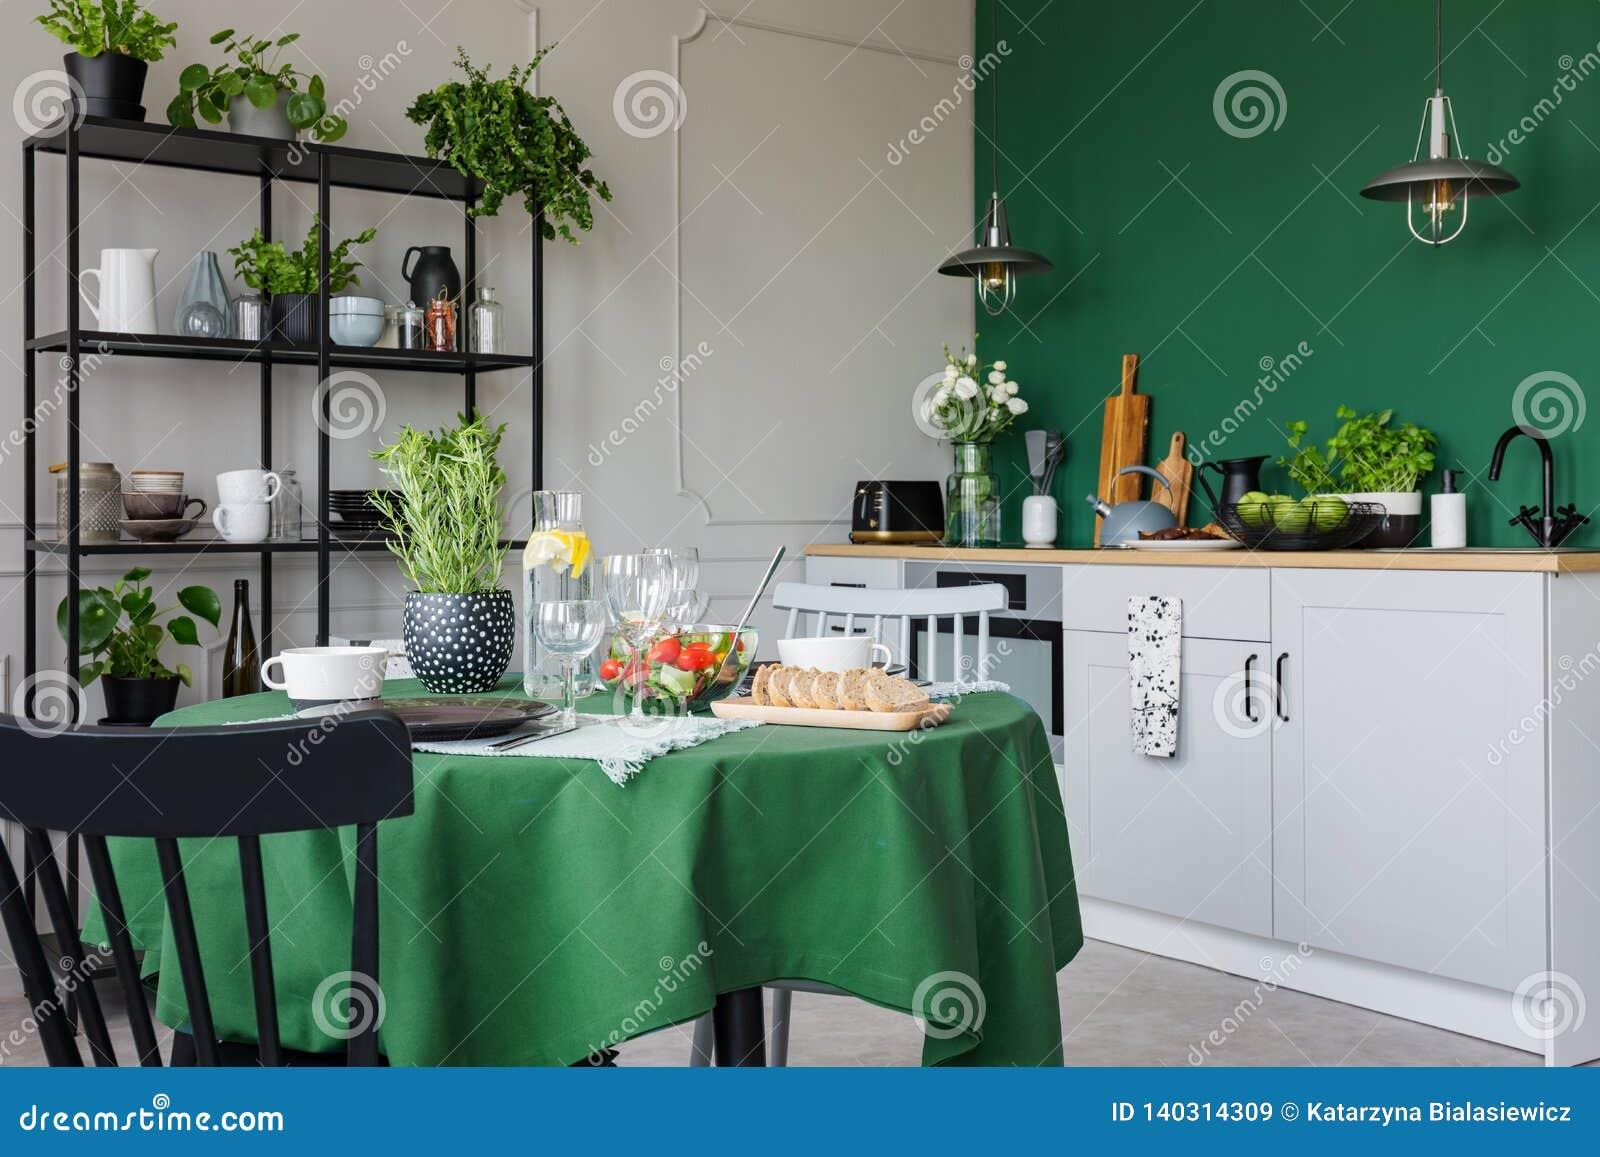 Cuisine la mode avec la table de salle manger avec l 39 ensemble vert de nappe pour le d ner - Cuisine a la mode ...